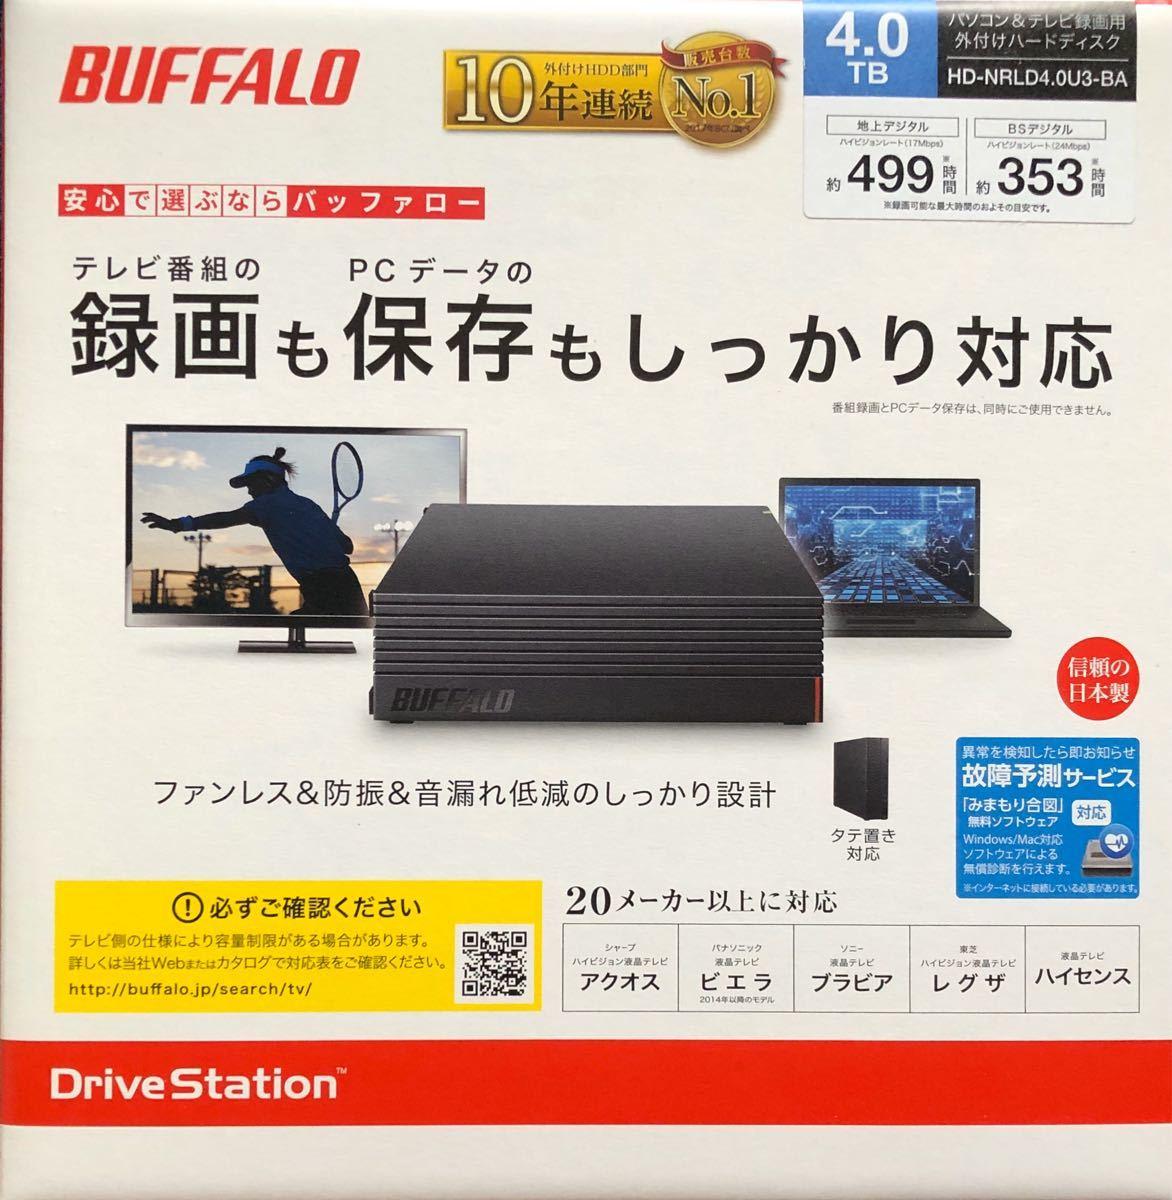 新品 HD-NRLD4.0U3-BA  [USB 3.1 Gen 1(USB 3.0)/2.0対応 外付ハードディスク 4TB]